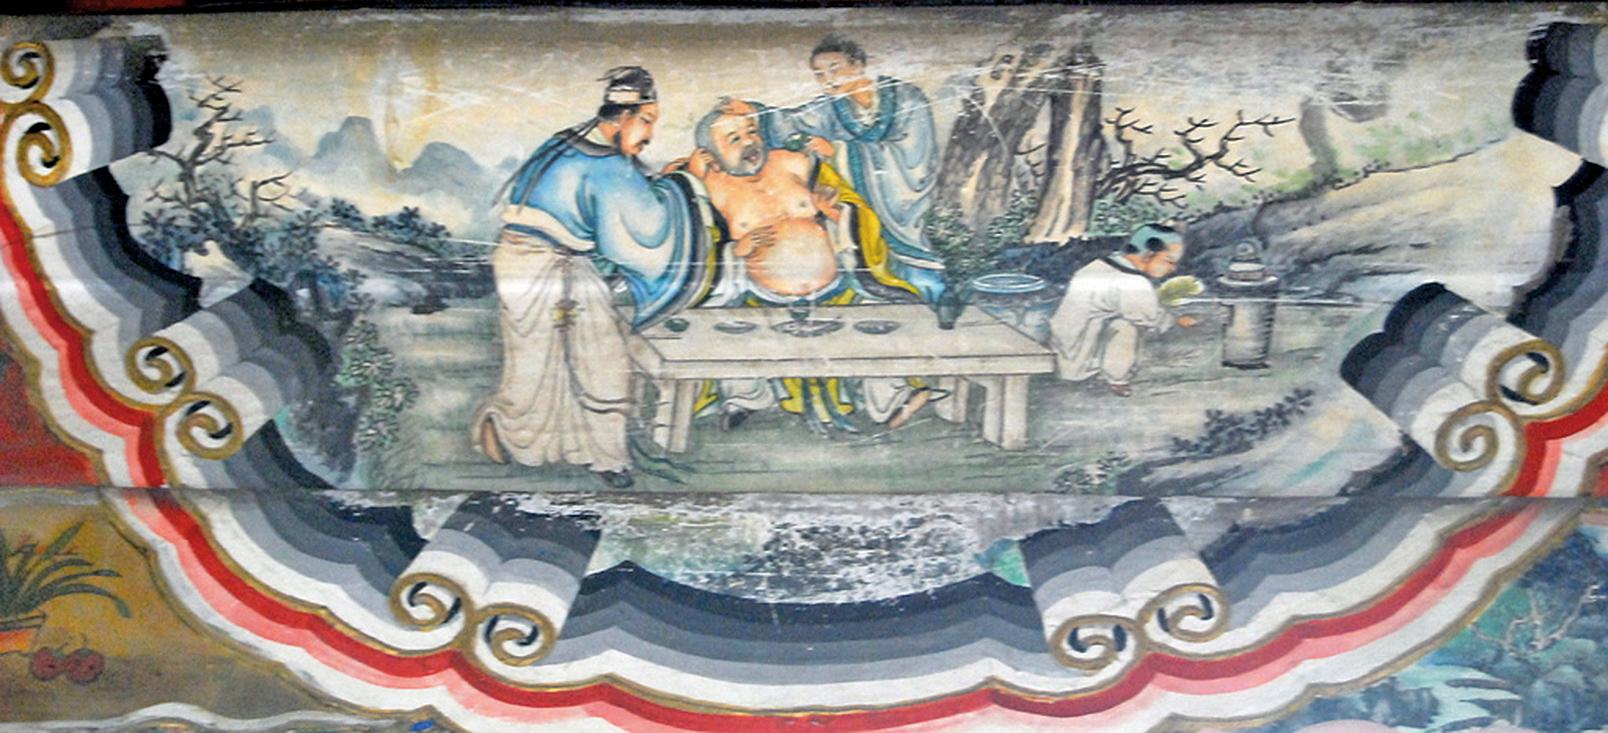 蘇軾、佛印與黃庭堅( 維基百科)